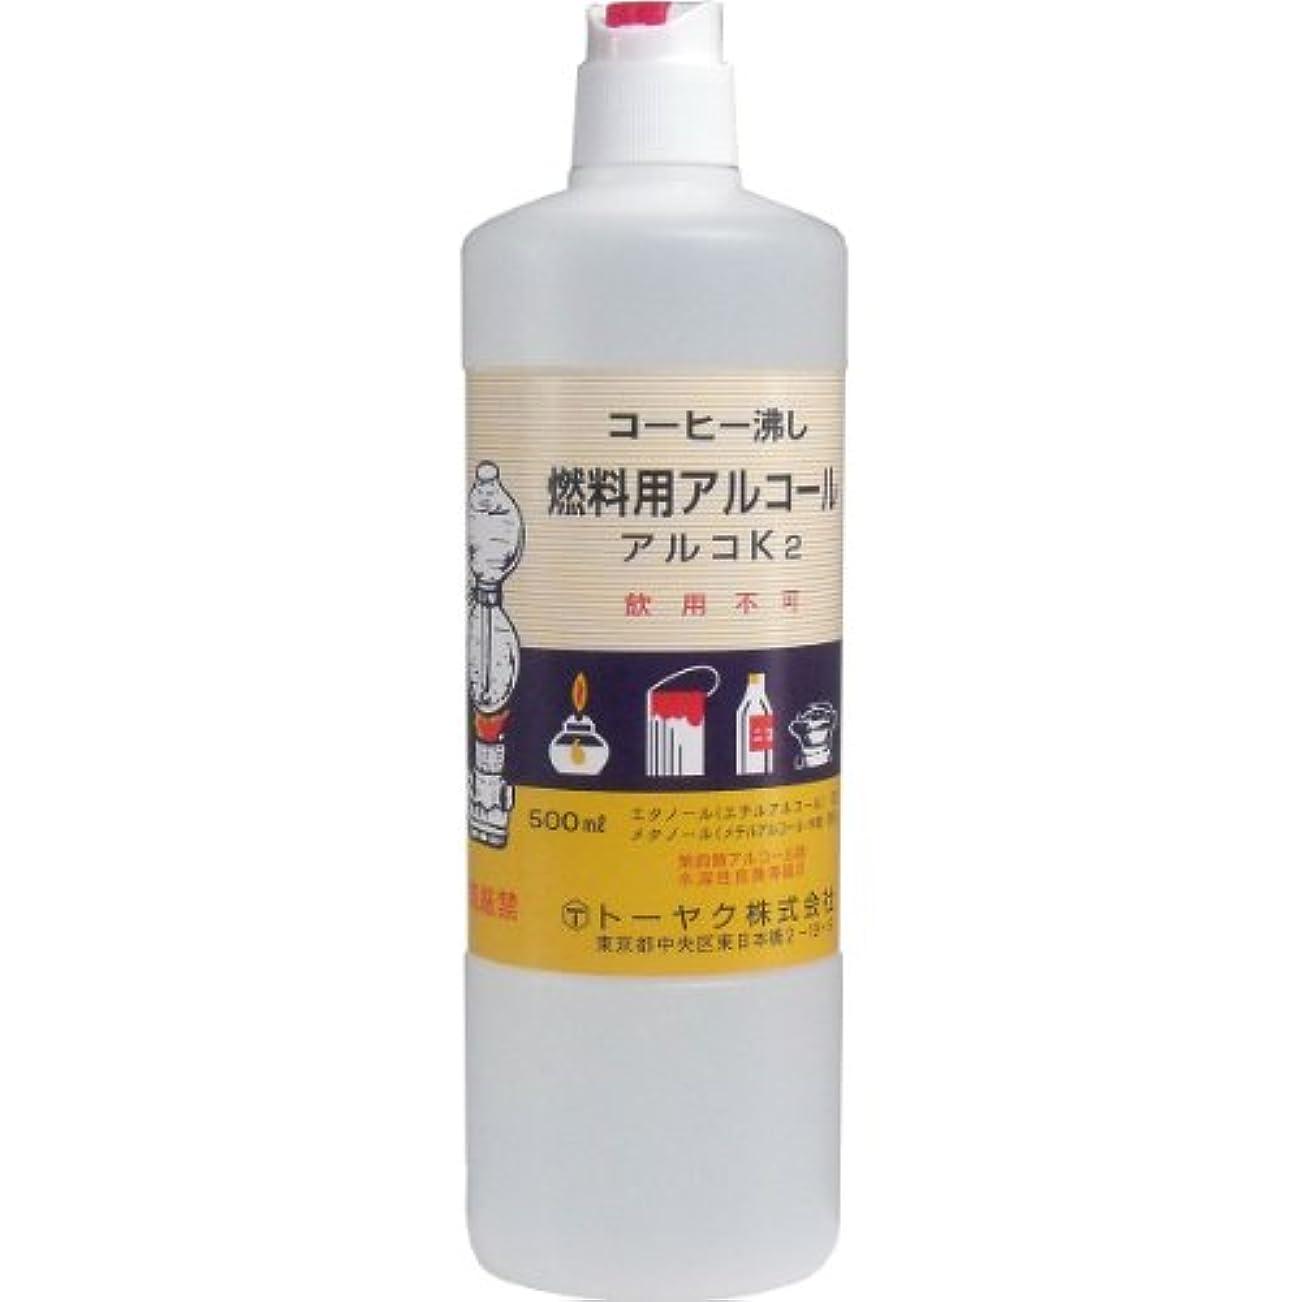 シェーバーかわいらしい甘美な燃料用アルコール アルコK2 ×3個セット